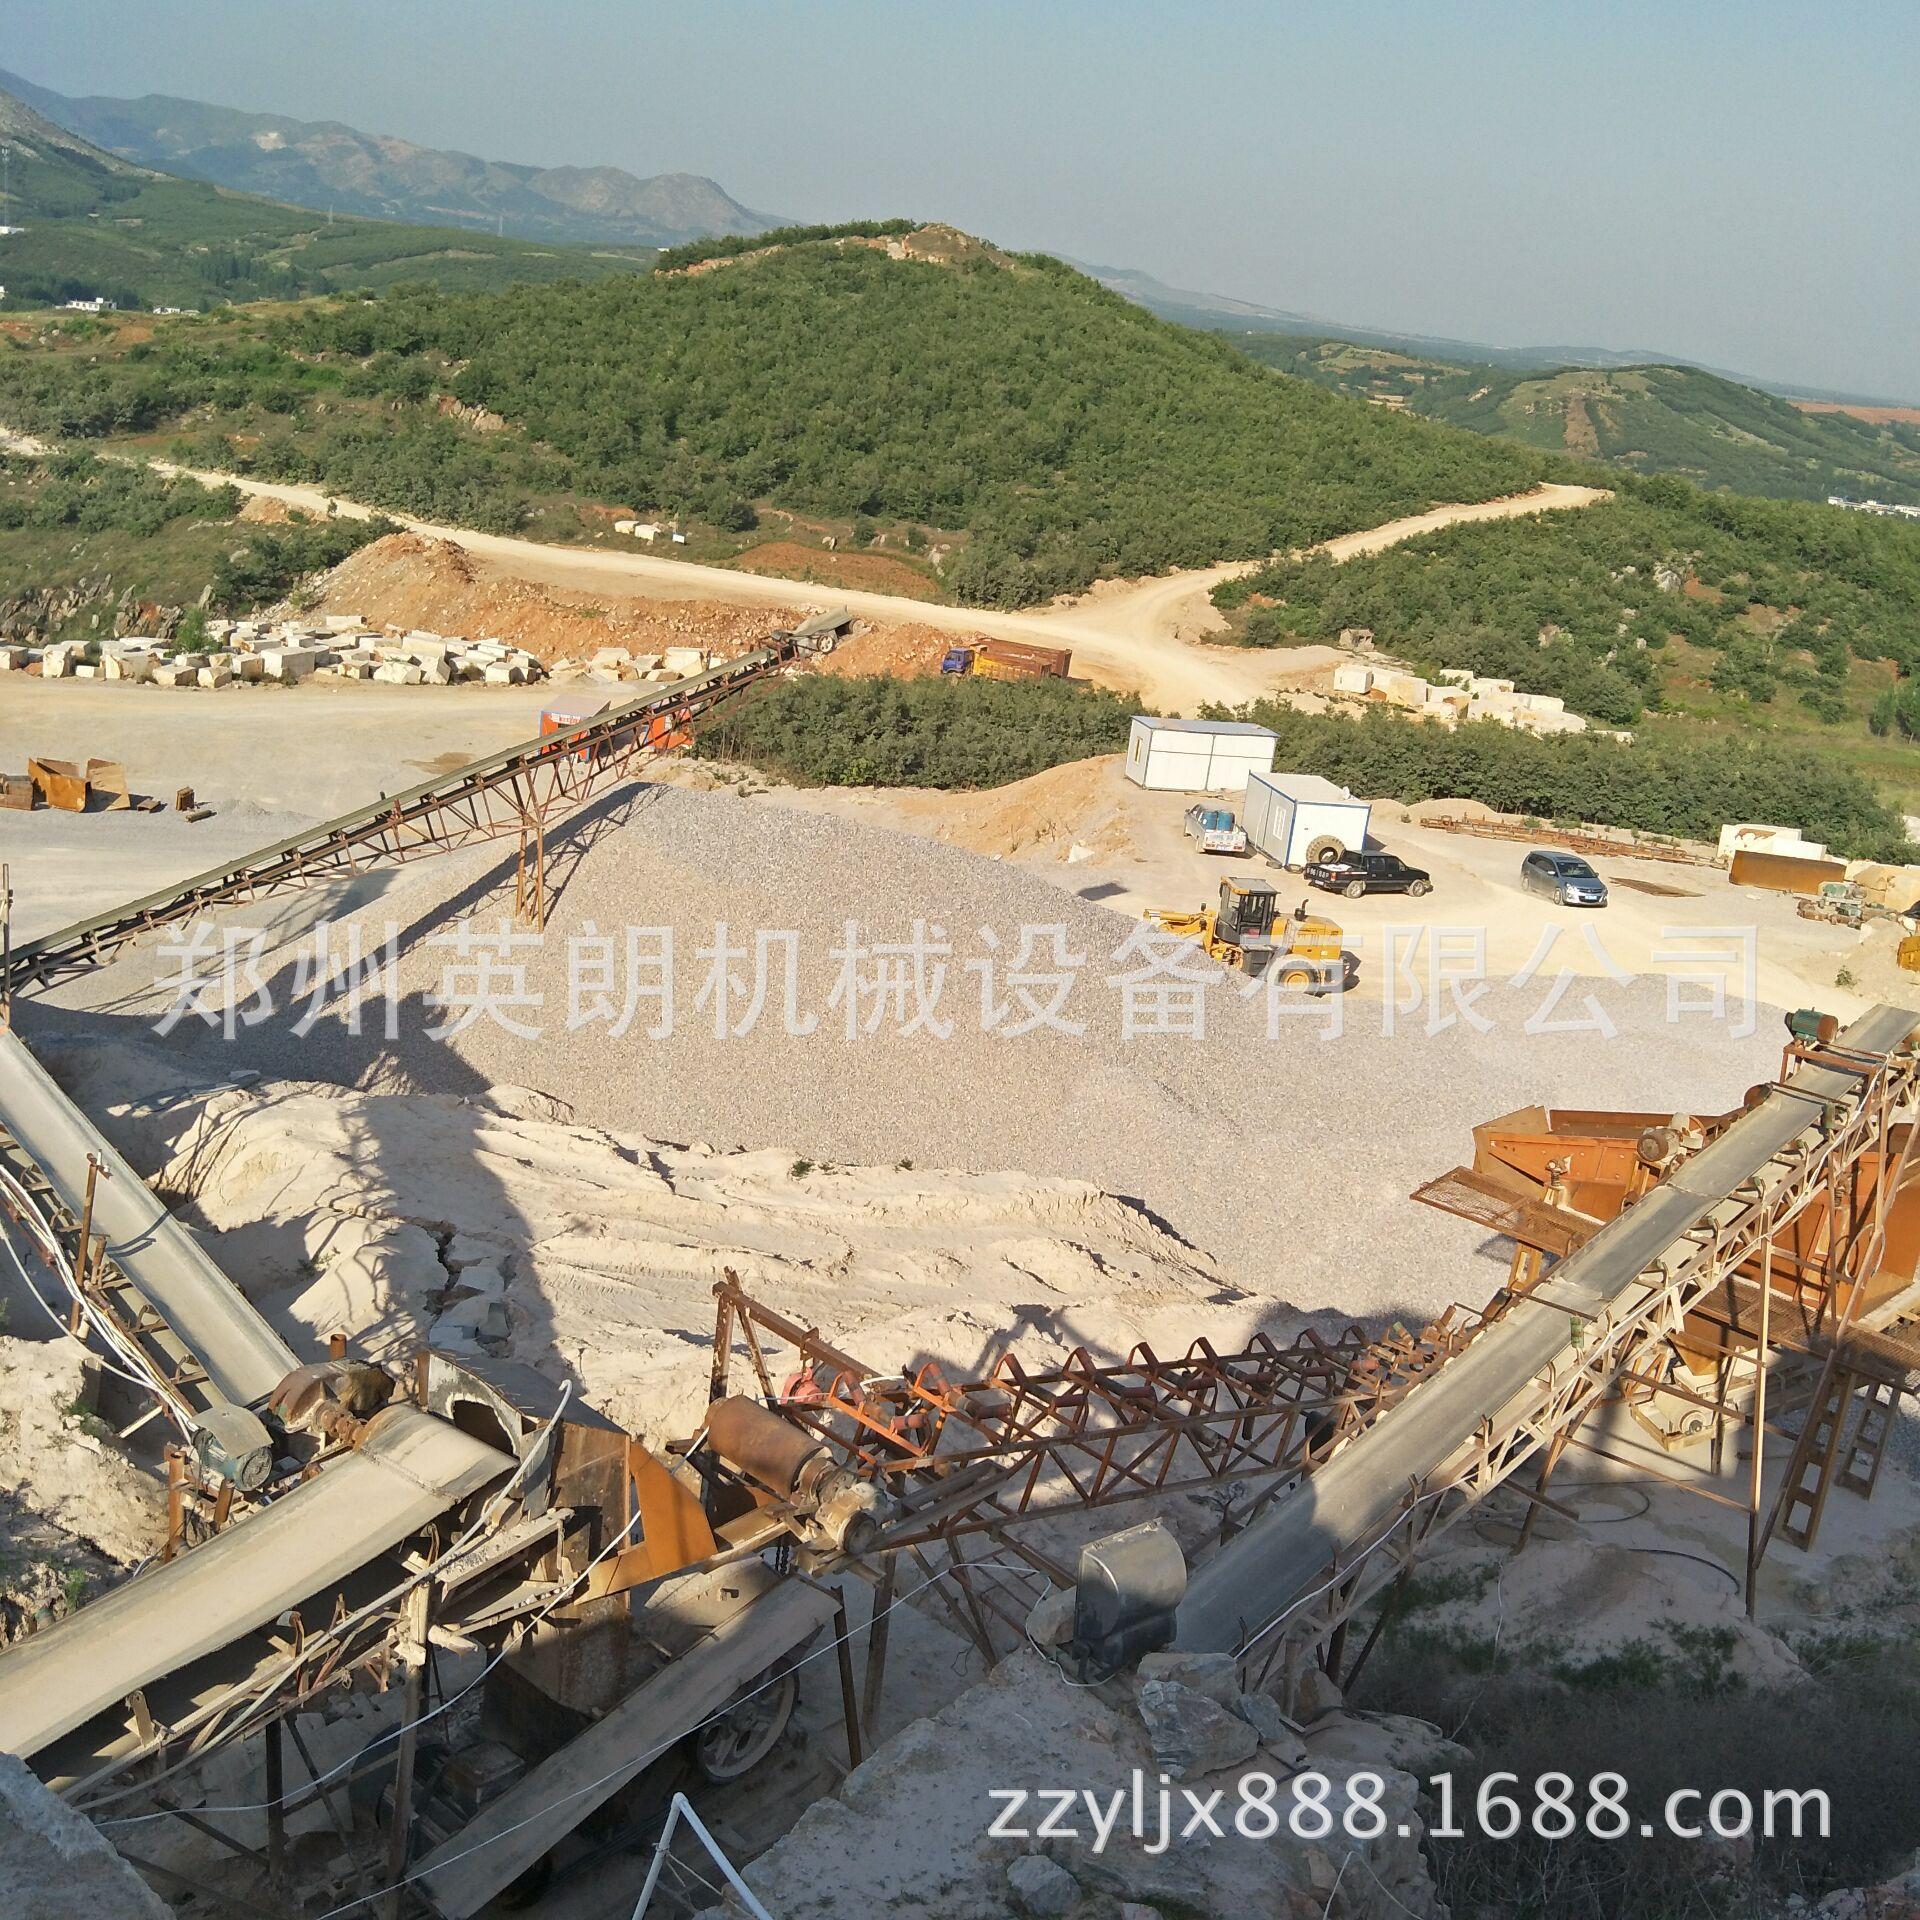 石料生产线全套设备配置 砂石石料生产线 大型石头破碎生产线示例图7